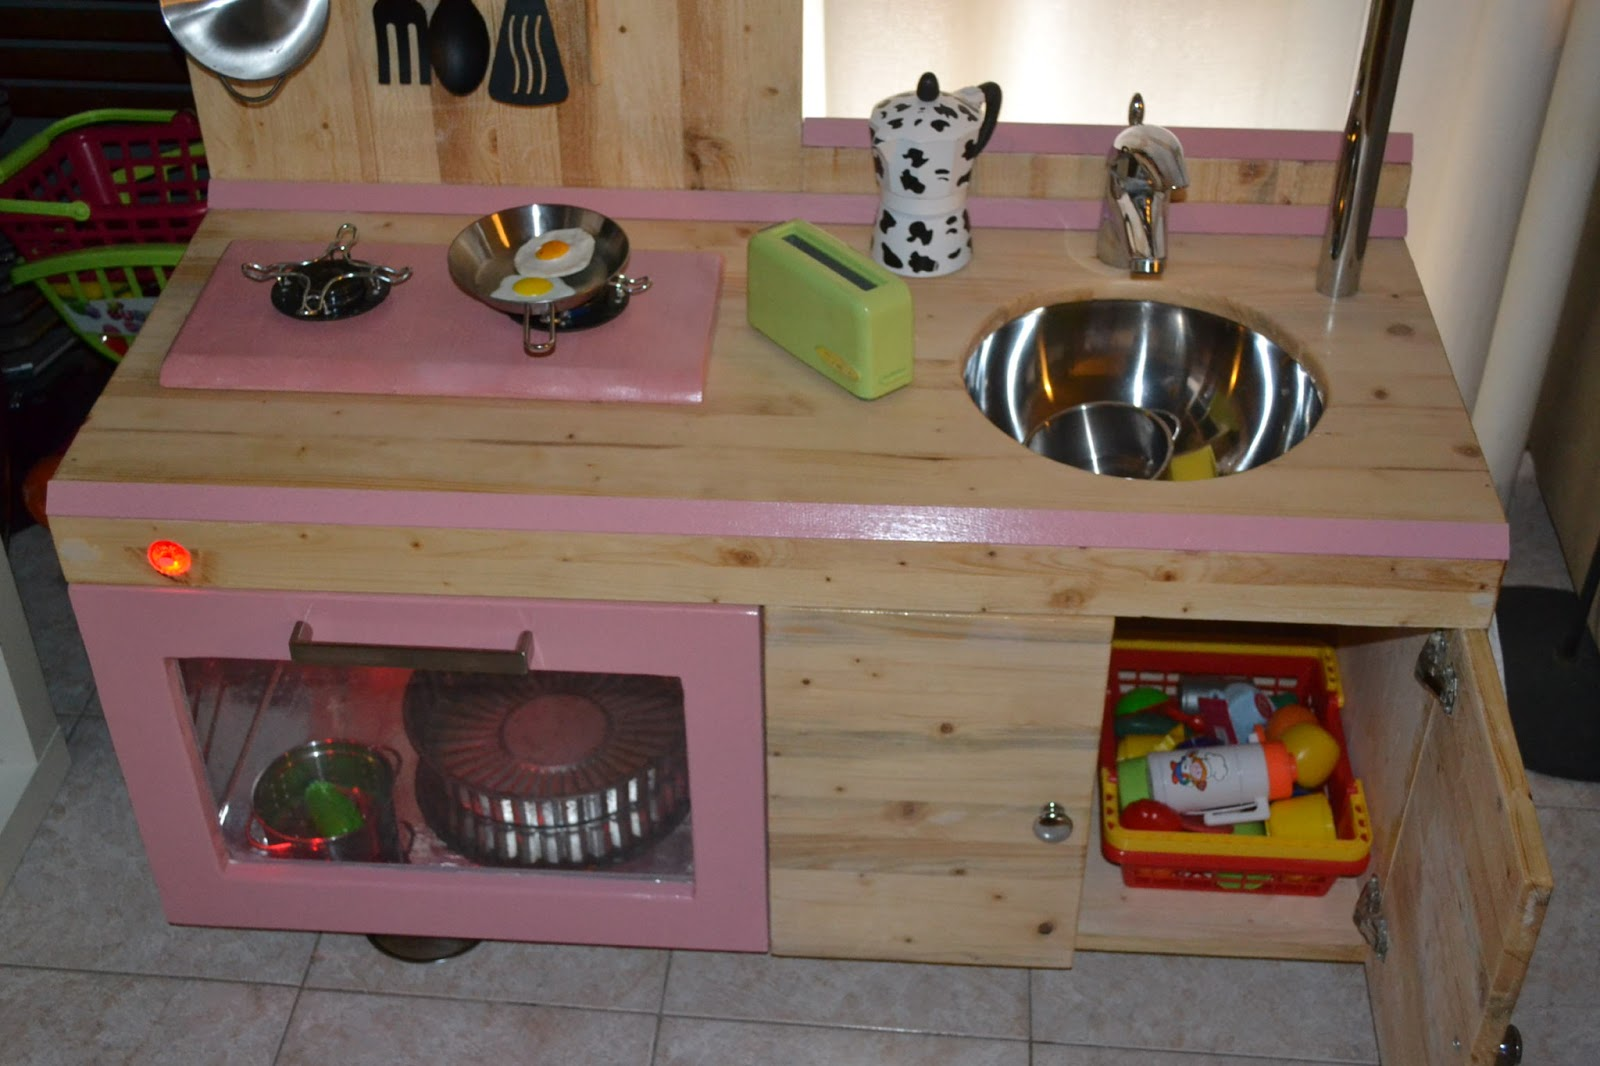 Cucine in legno fai da te: mobili fai da te casa fai te costruire ...